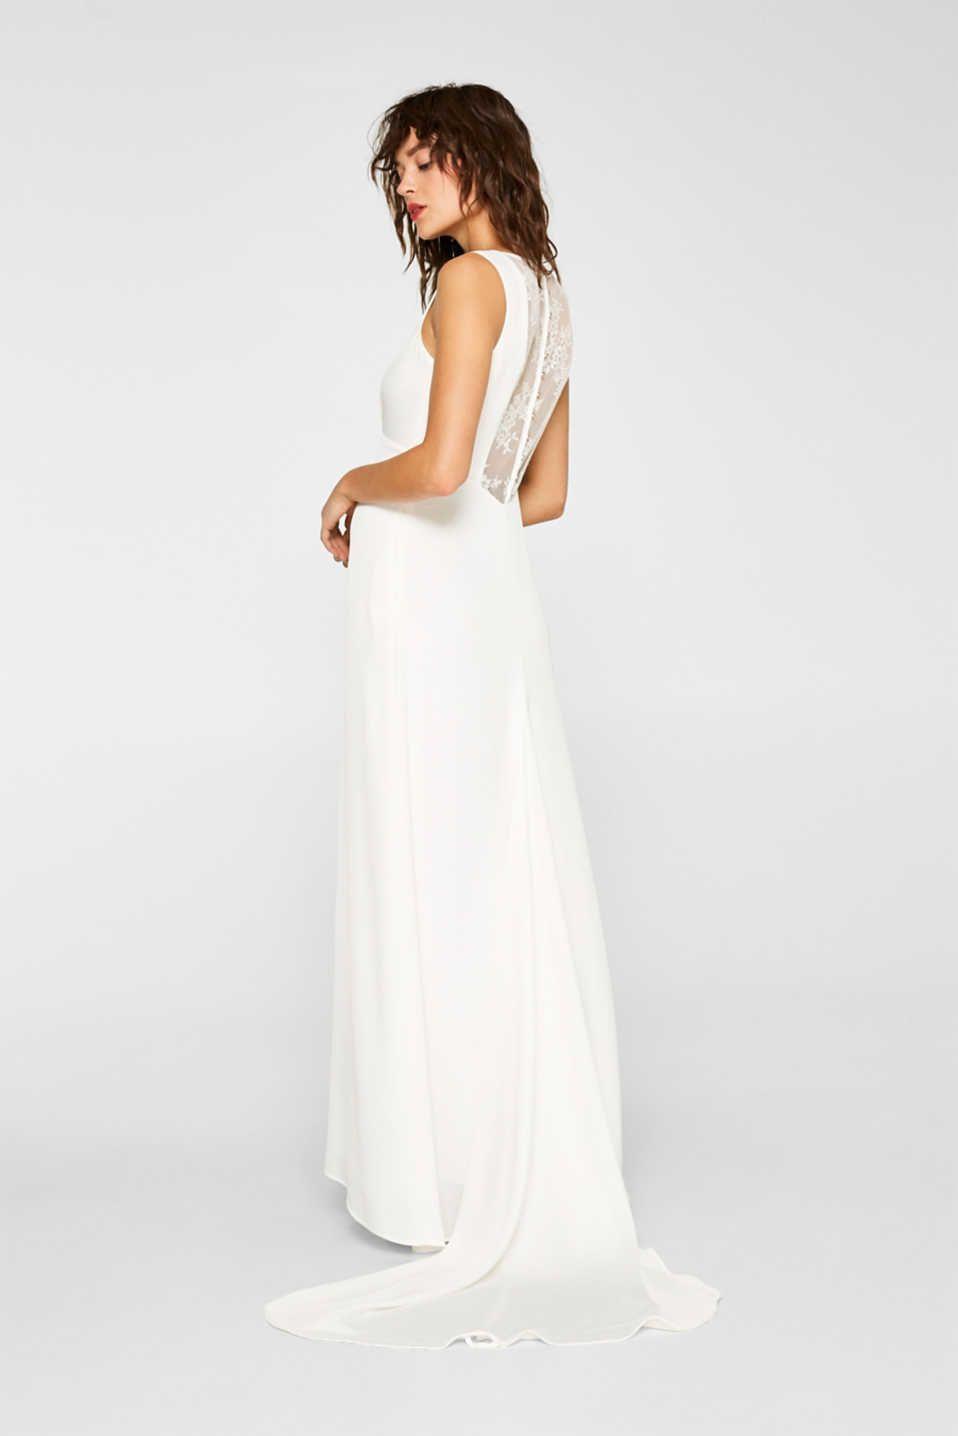 Esprit um 20€ - Brautkleid mit rückseitiger Spitze im Online Shop